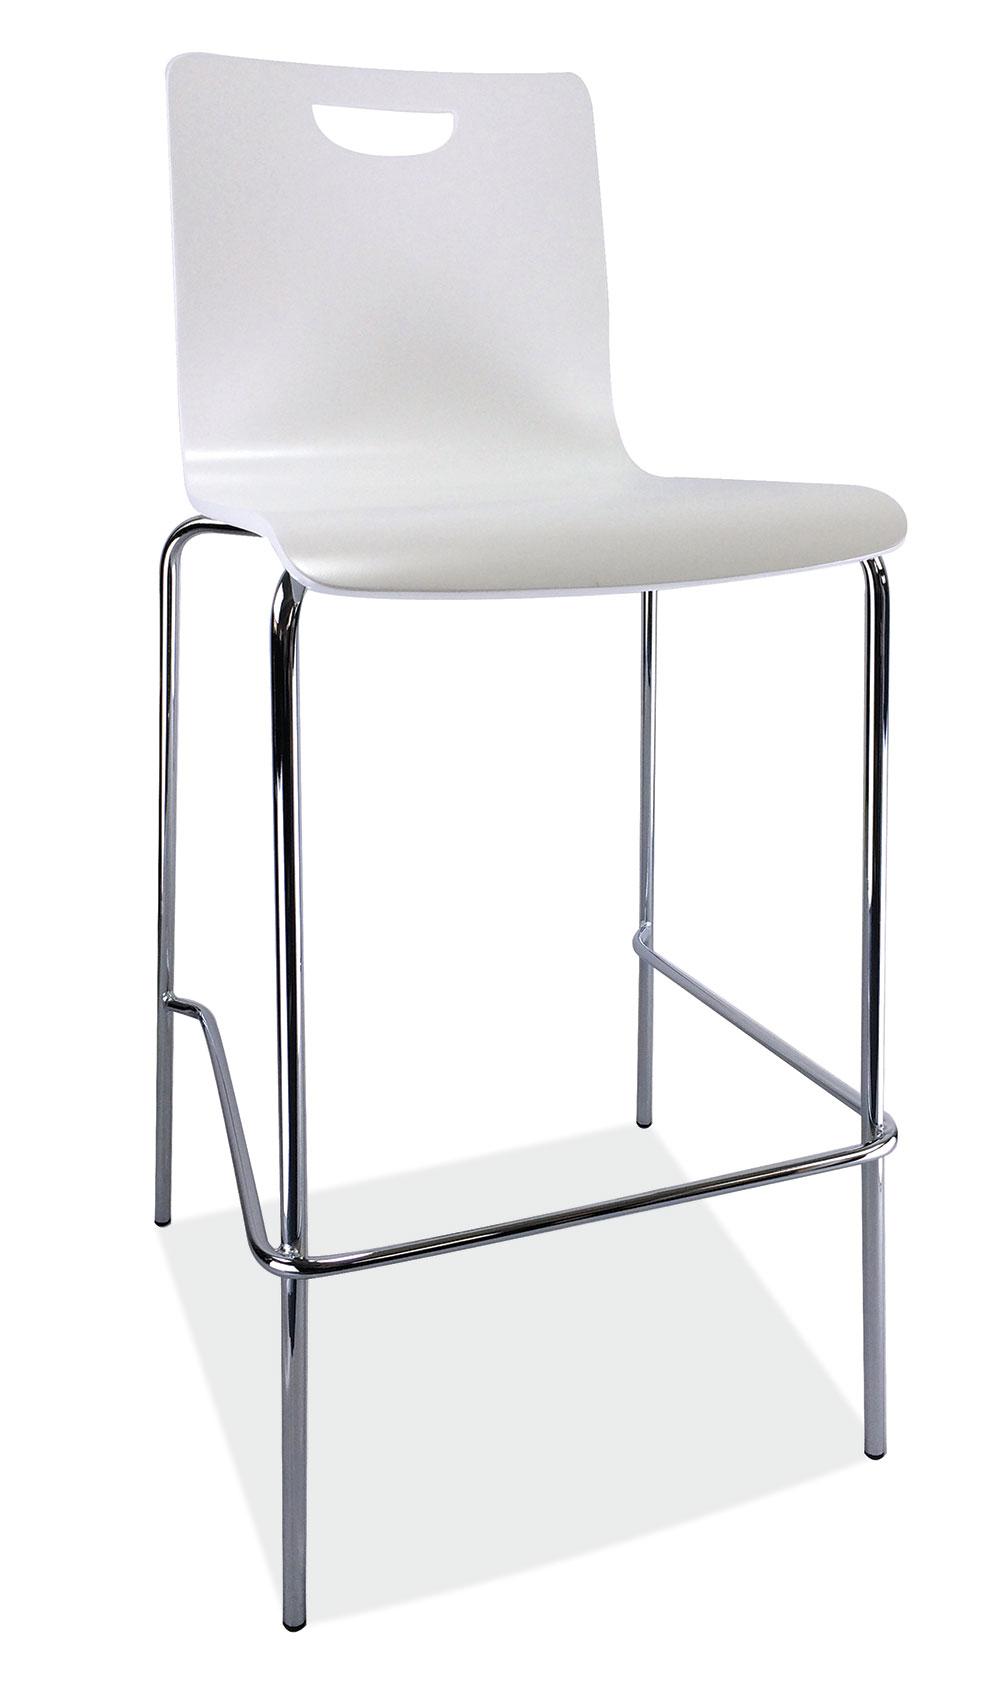 Breakroom Chair 8